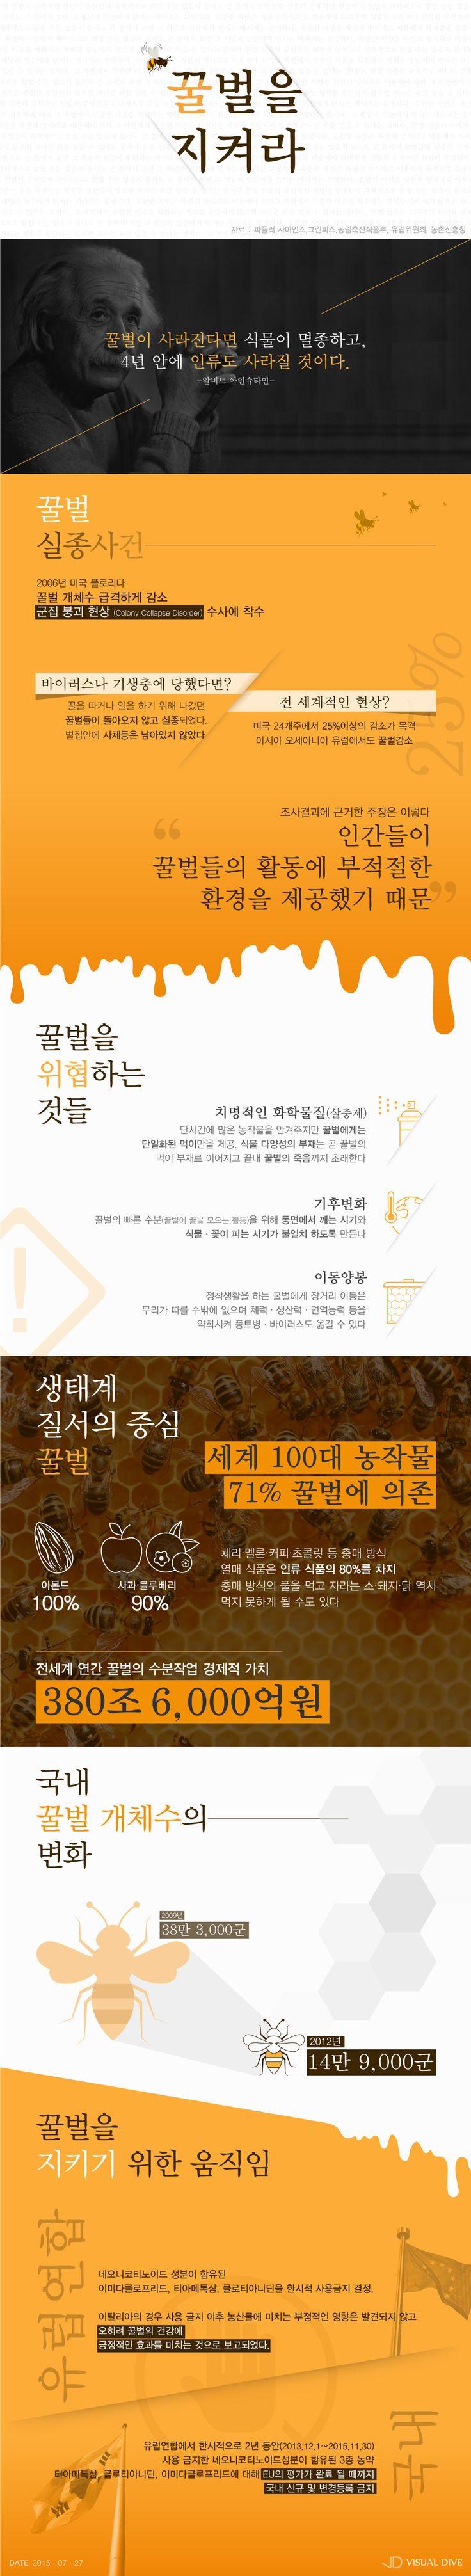 """꿀벌 없으면 4년 내 인류 멸망…""""꿀벌을 지켜라"""" [인포그래픽] #Bee / #Infographic ⓒ 비주얼다이브 무단 복사·전재·재배포 금지"""